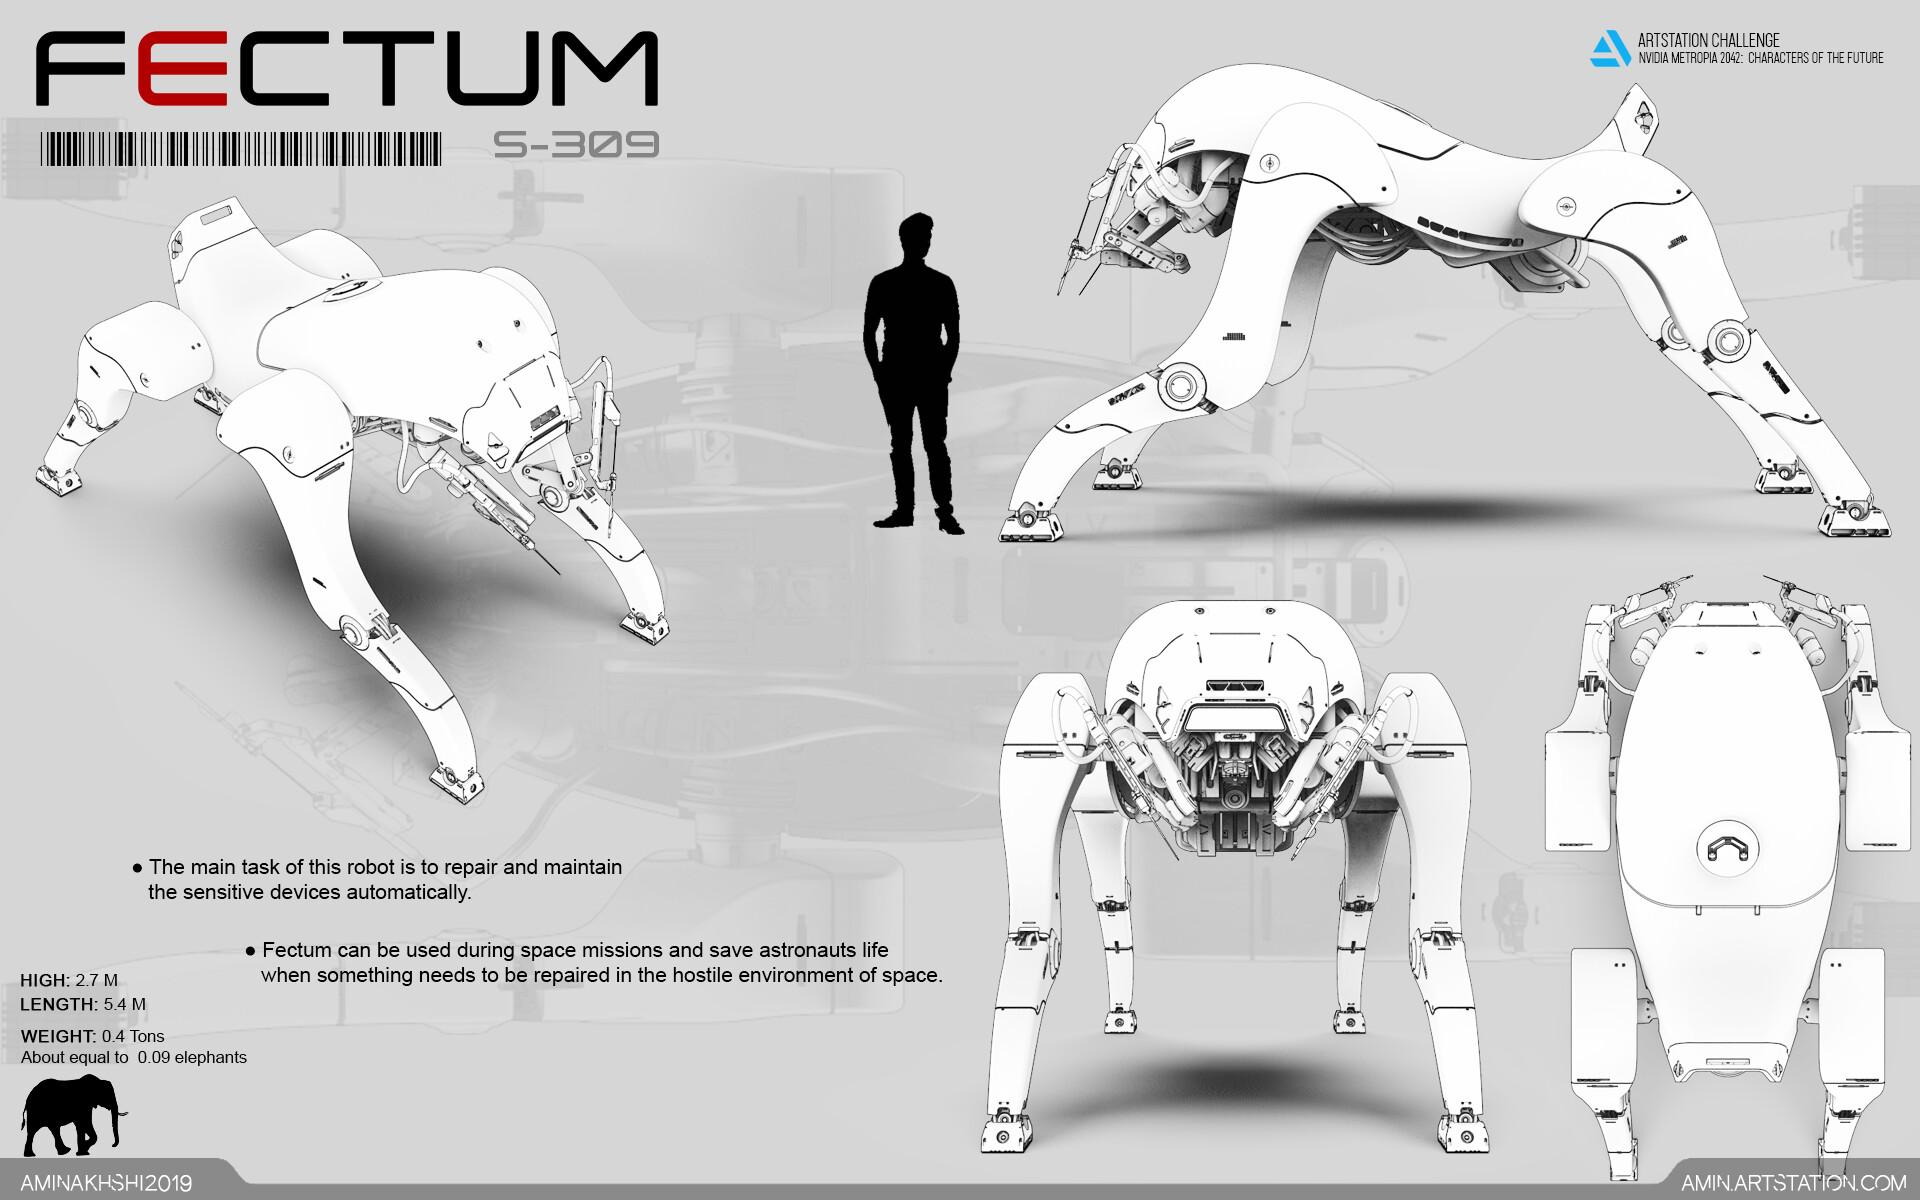 Amin akhshi 011 fectum s309 concept